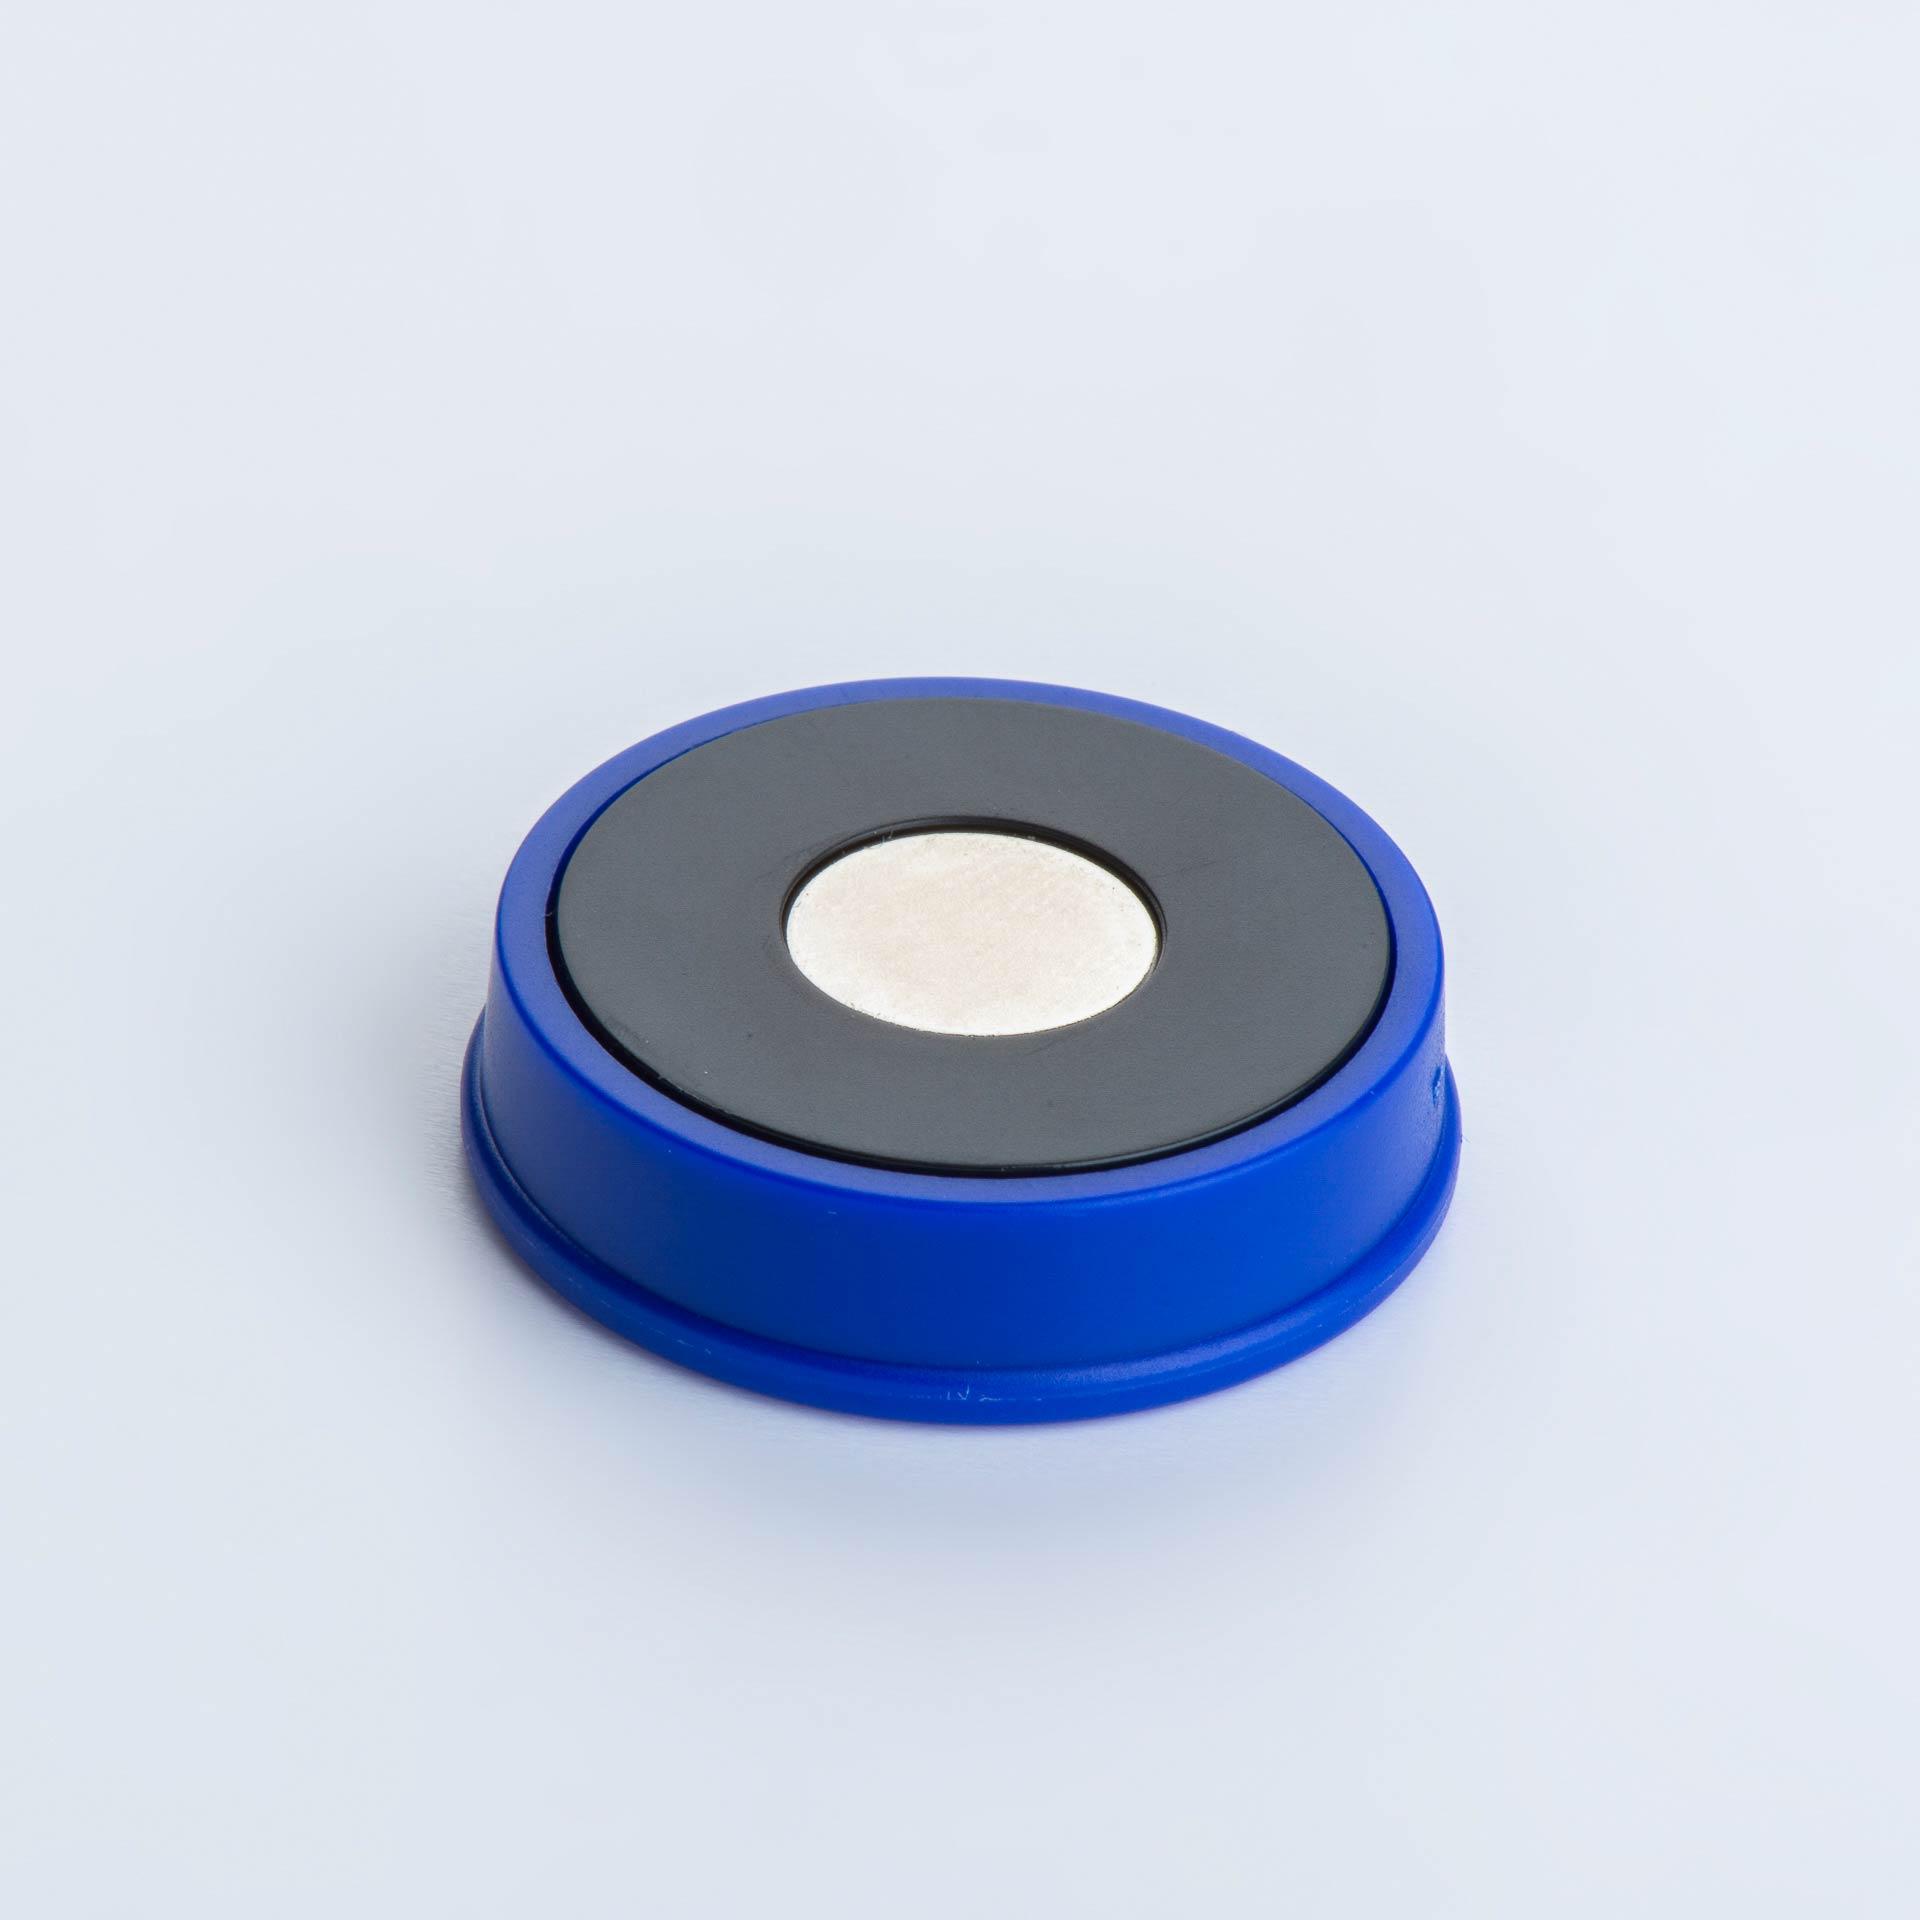 Organisationsmagnet aus Neodym mit rundem Kunststoffgehäuse, verschiedene Farben, thyssenkrupp Magnettechnik